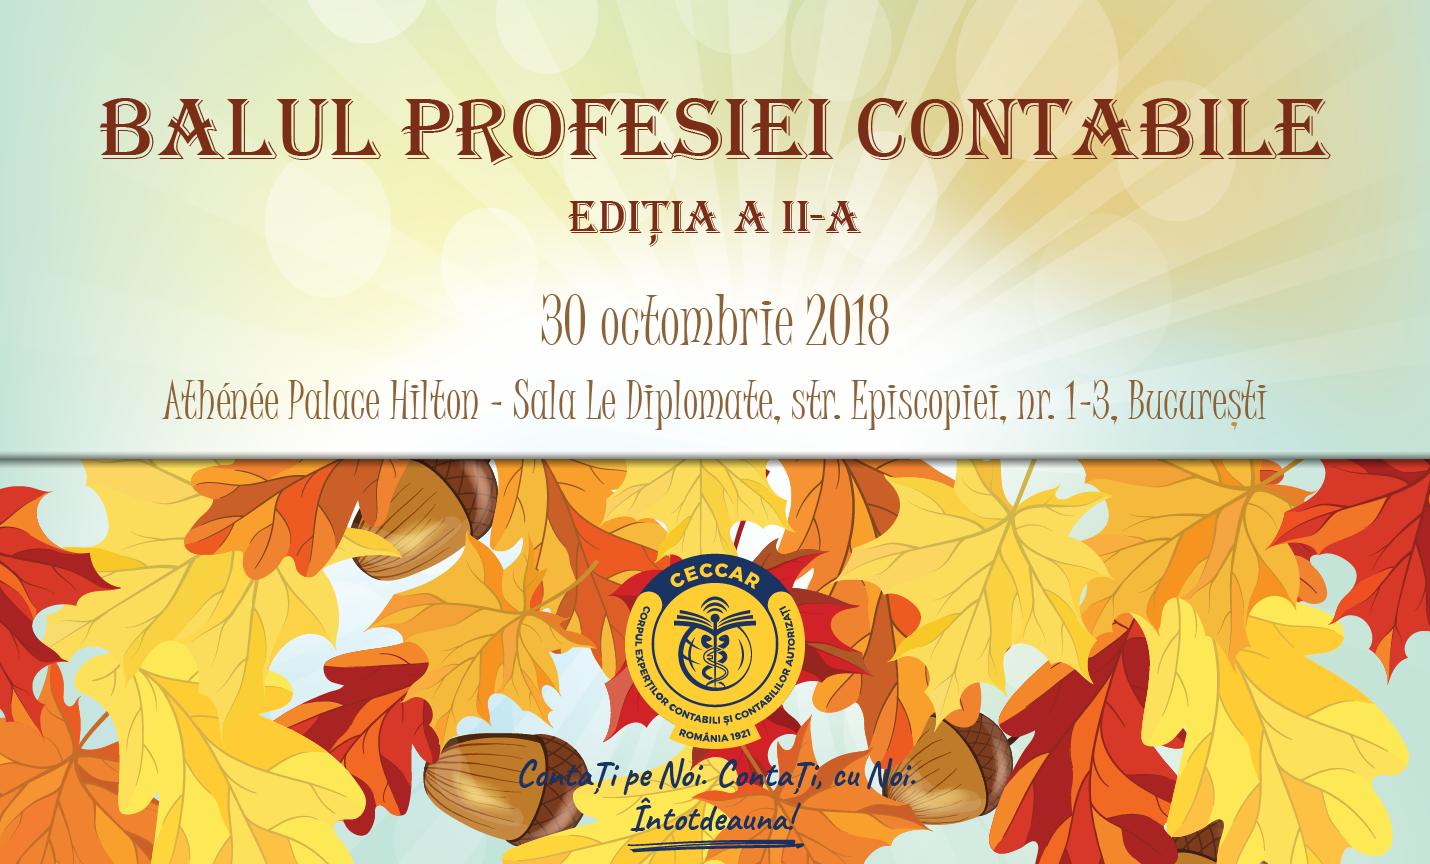 Balul profesiei contabile, ediția a II-a, 30 octombrie 2018